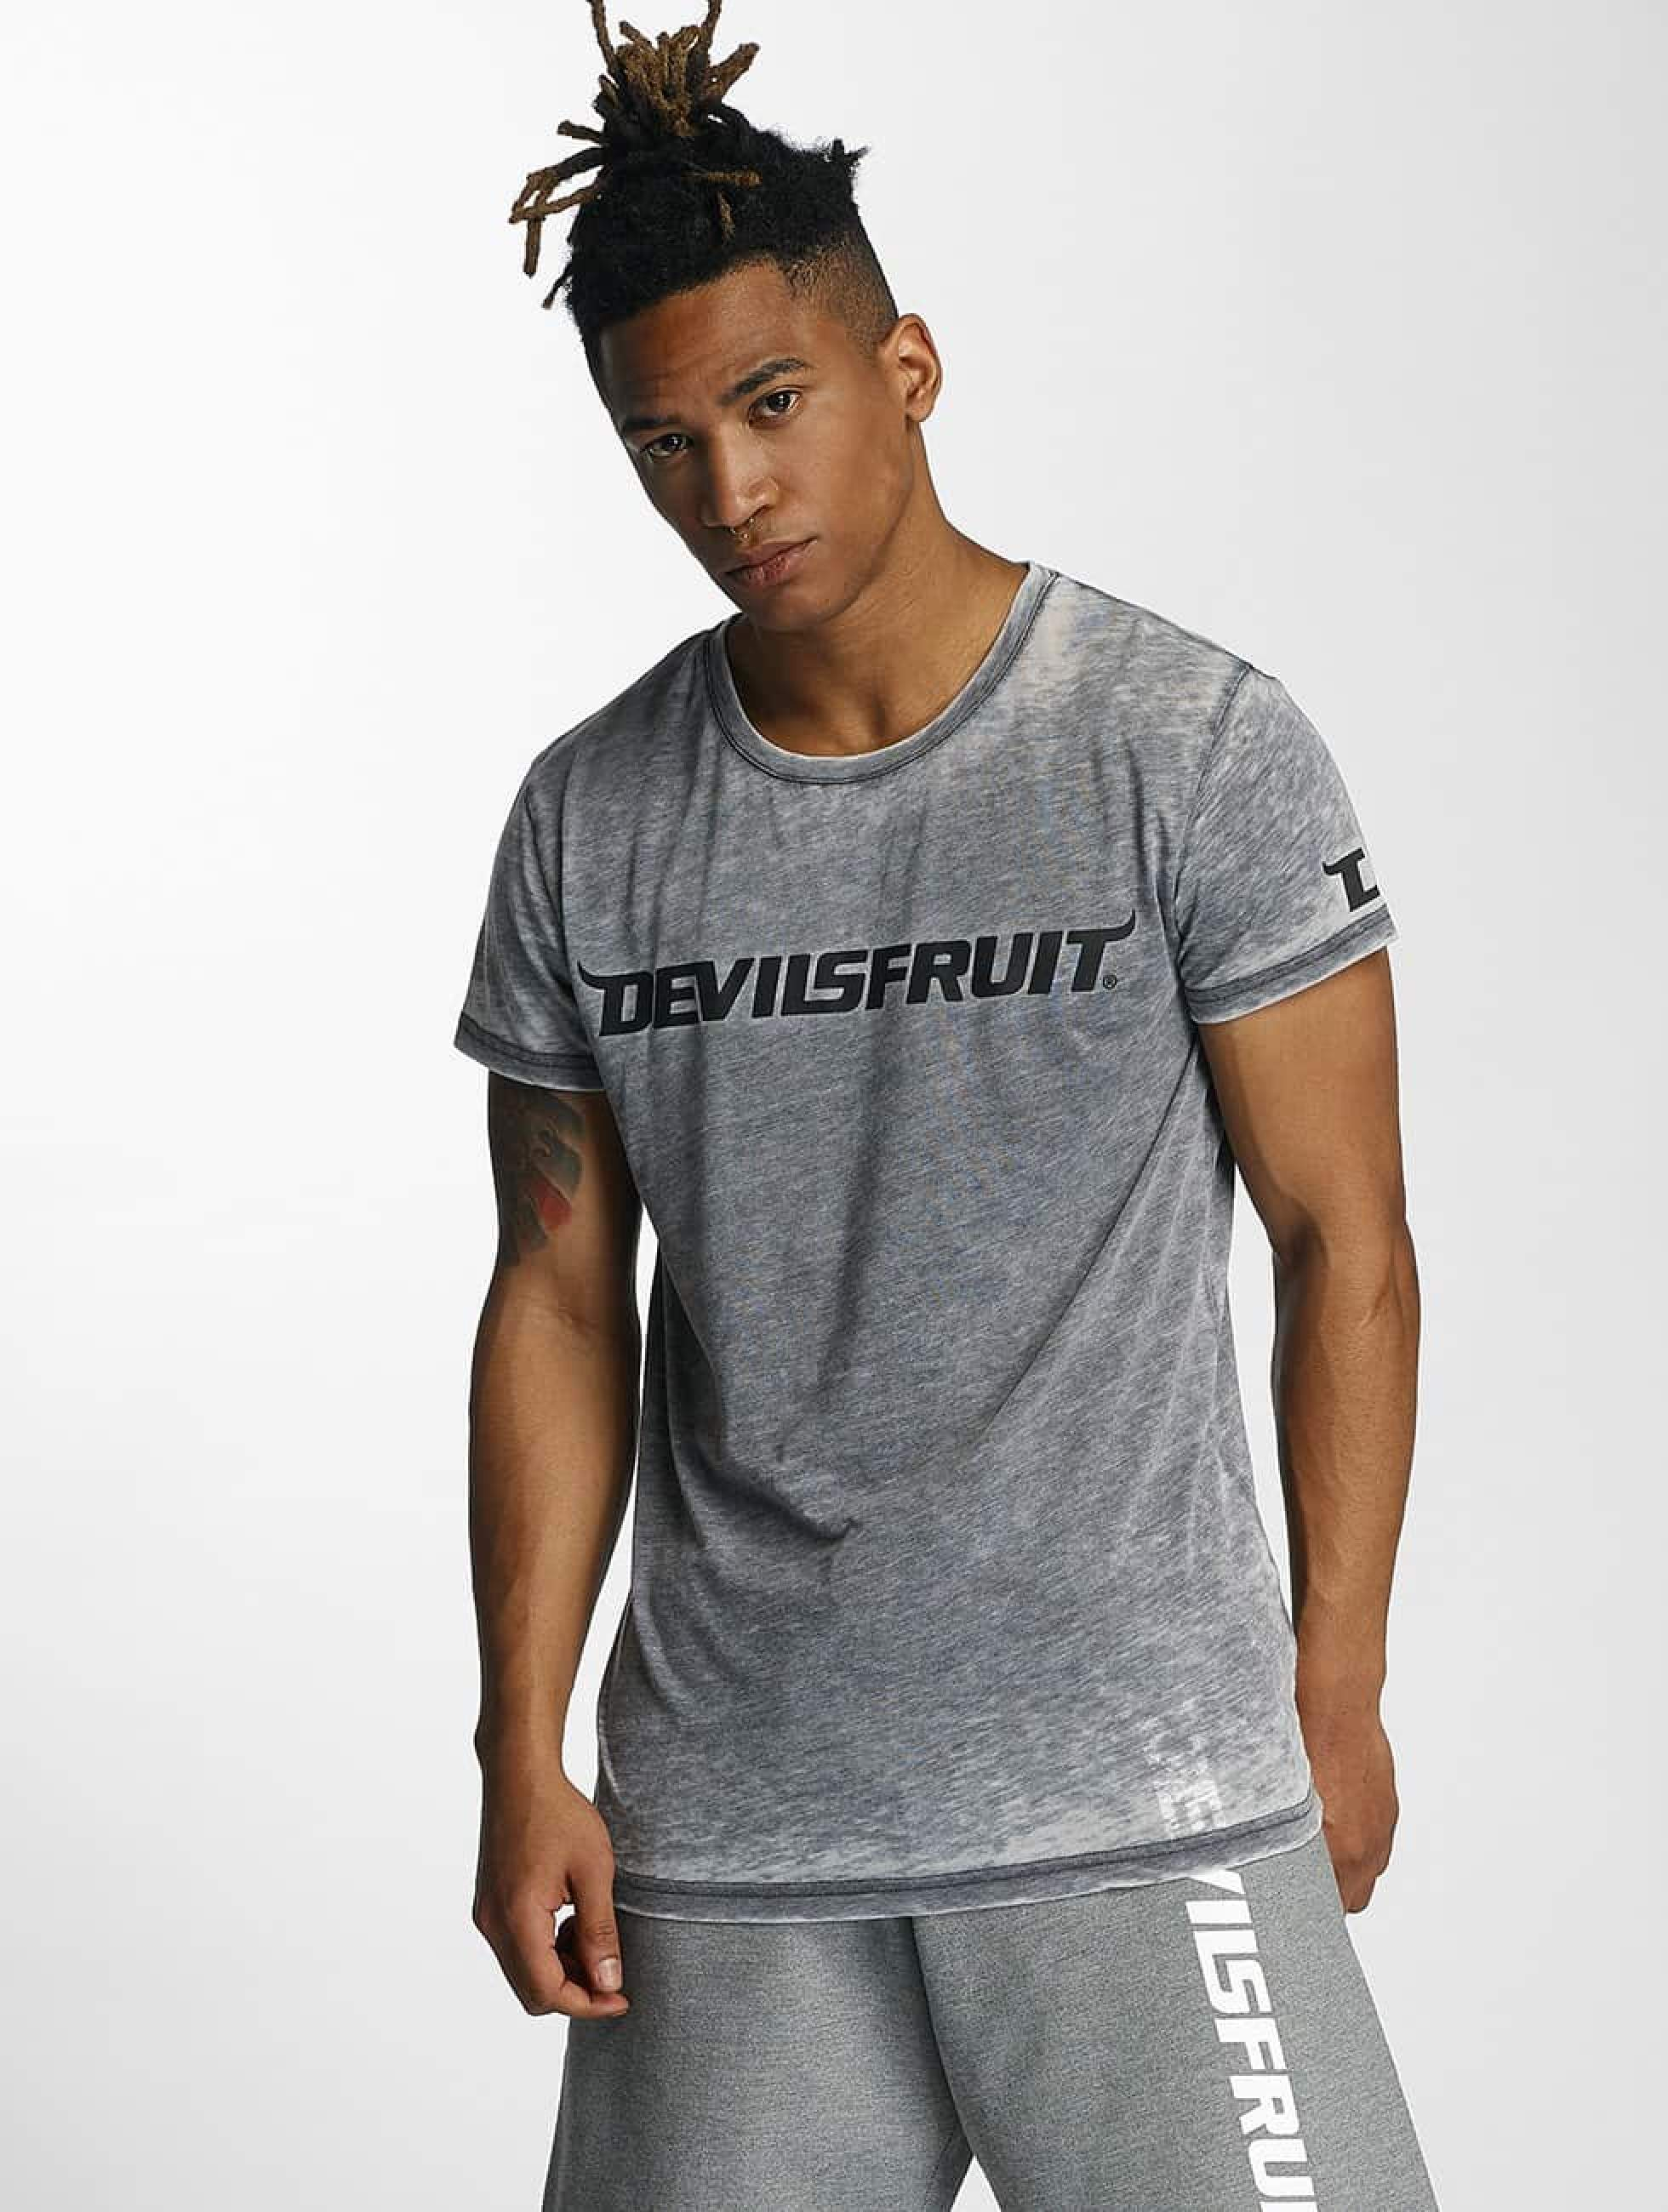 Devilsfruit | Ransome gris Homme T-Shirt